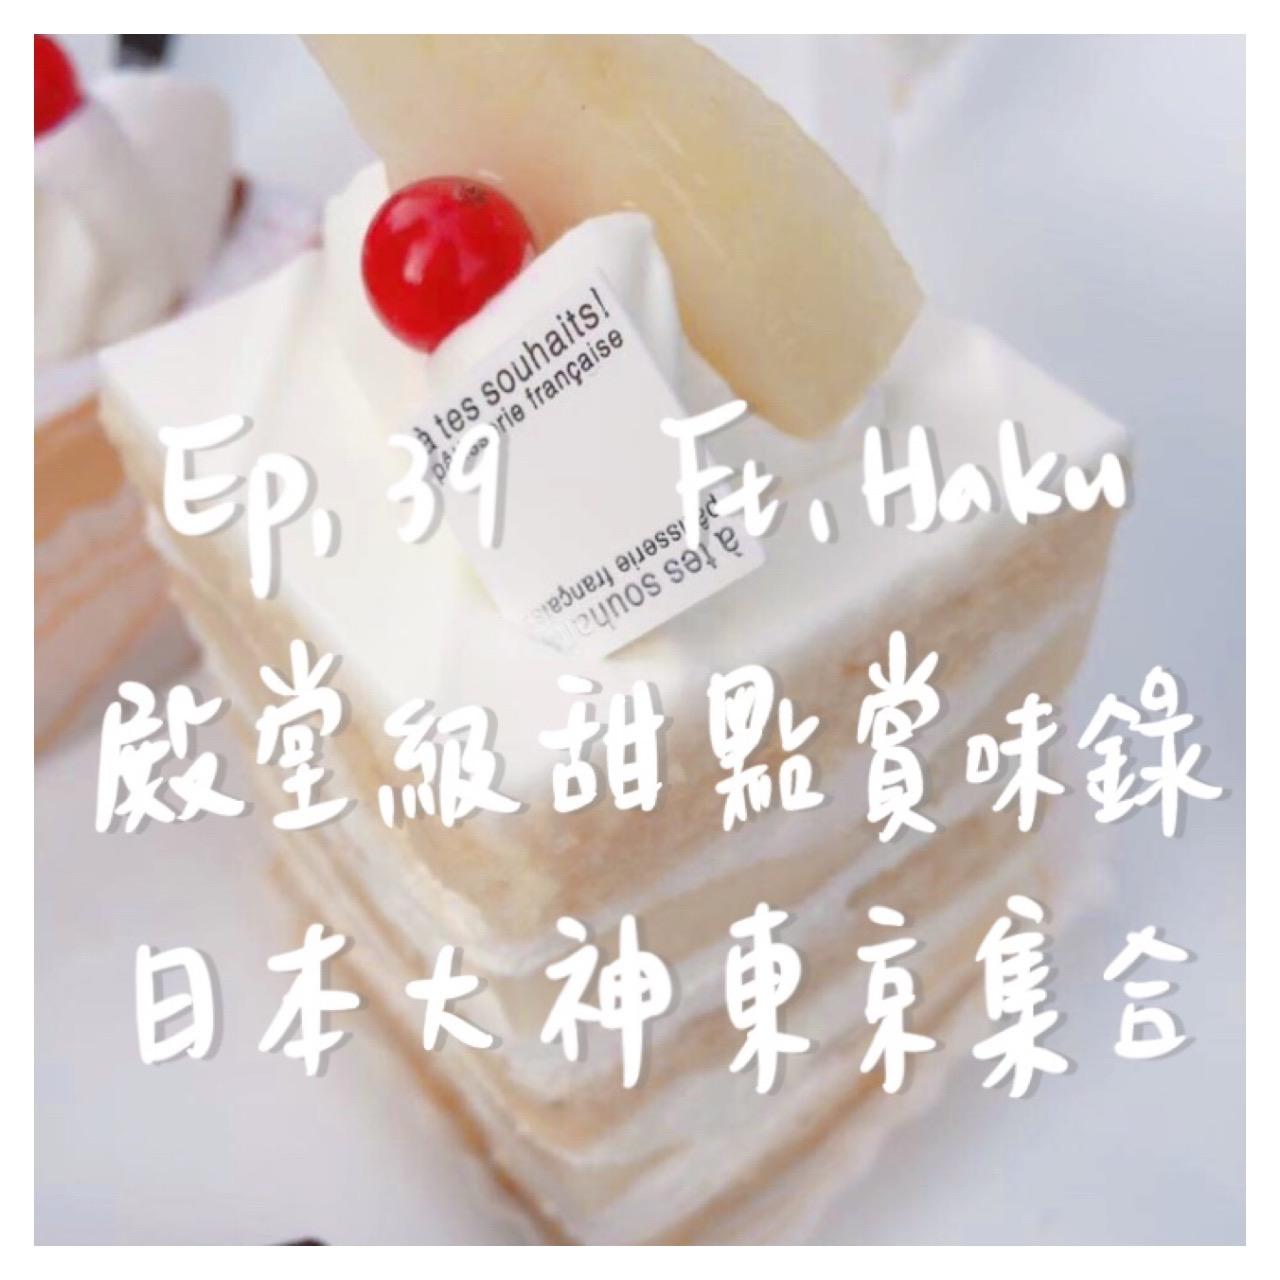 殿堂級甜點賞味錄,日本大神東京集合!(第39劑)